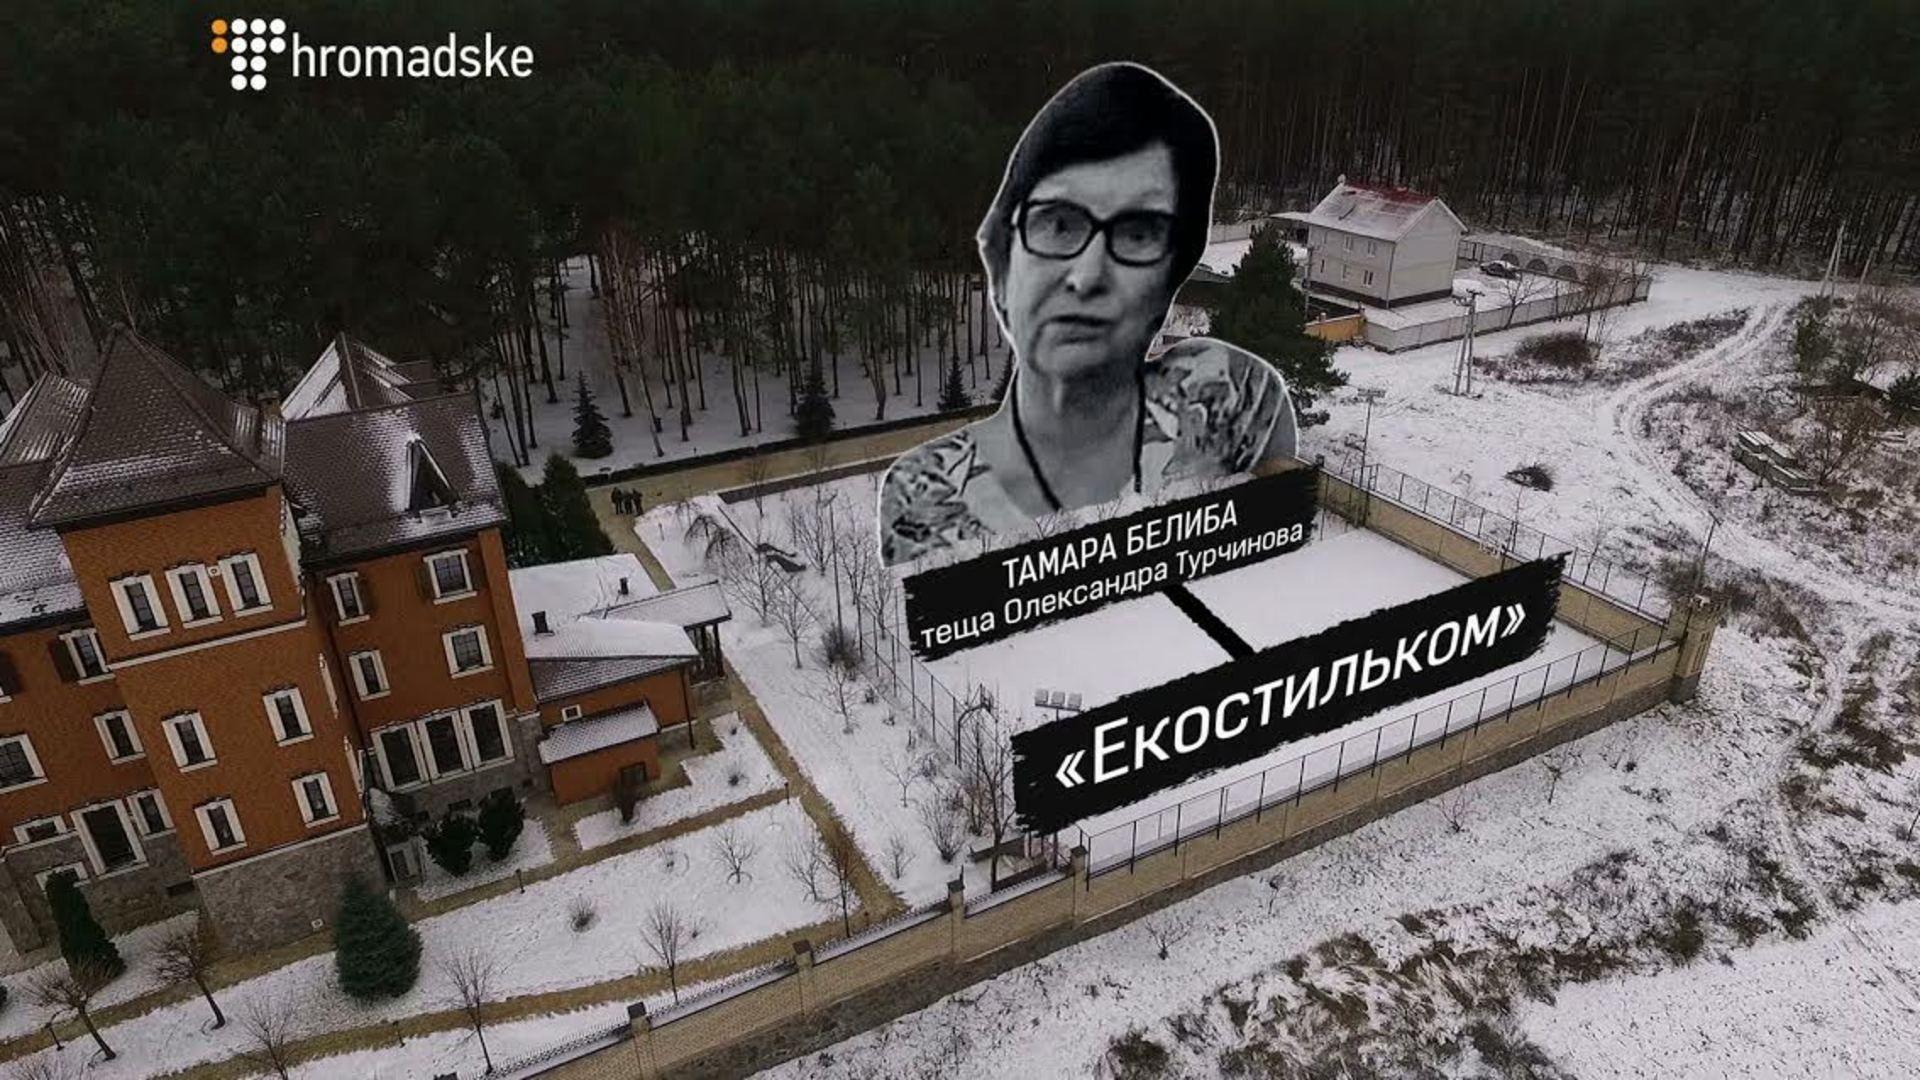 Тамара Белиба – теща Турчинова